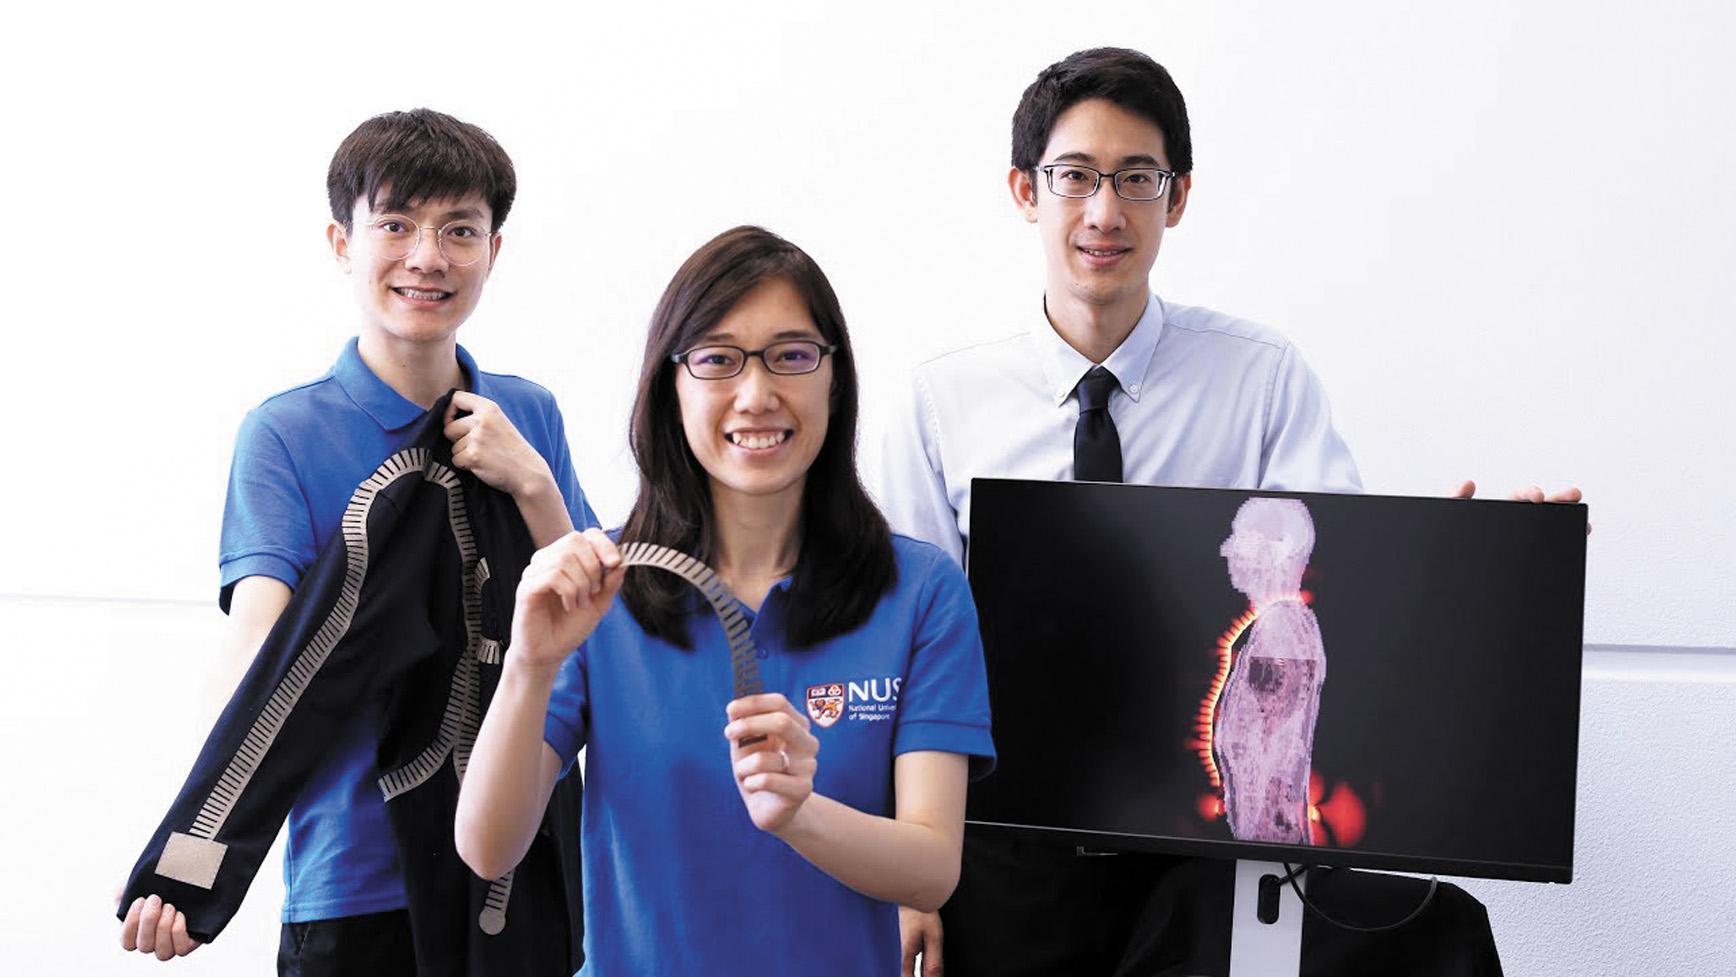 Создатели «умного» текстиля (слева направо): аспирант Си Тянь (Xi Tian), научный сотрудник доктор Пуй Мун Ли (Pui Mun Lee) и доцент Джон Хо (John Ho) вместе с семью исследователями из Национального университета Сингапура потратили целый год на разработку проводящей одежды